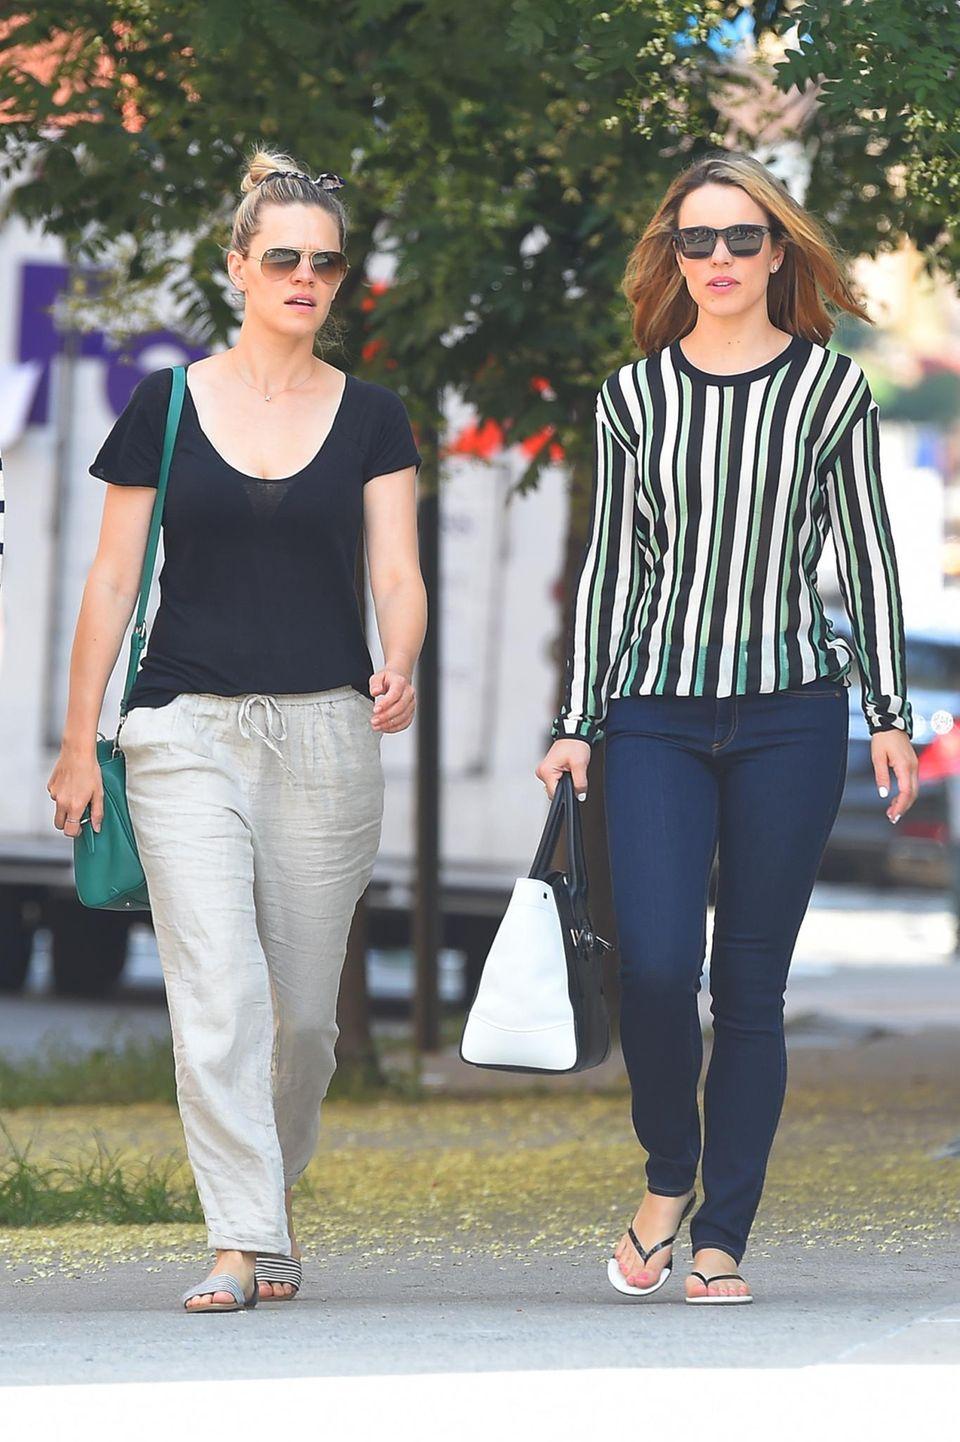 Rachel und Kayleen McAdams  Rachel McAdams kann stolz auf ihre jüngere Schwester Kayleen McAdams sein, sie arbeitet erfolgreich als Make-Up-Artist in Hollywood. Hier treffen sich die Schwestern zum Bummeln in New York City.